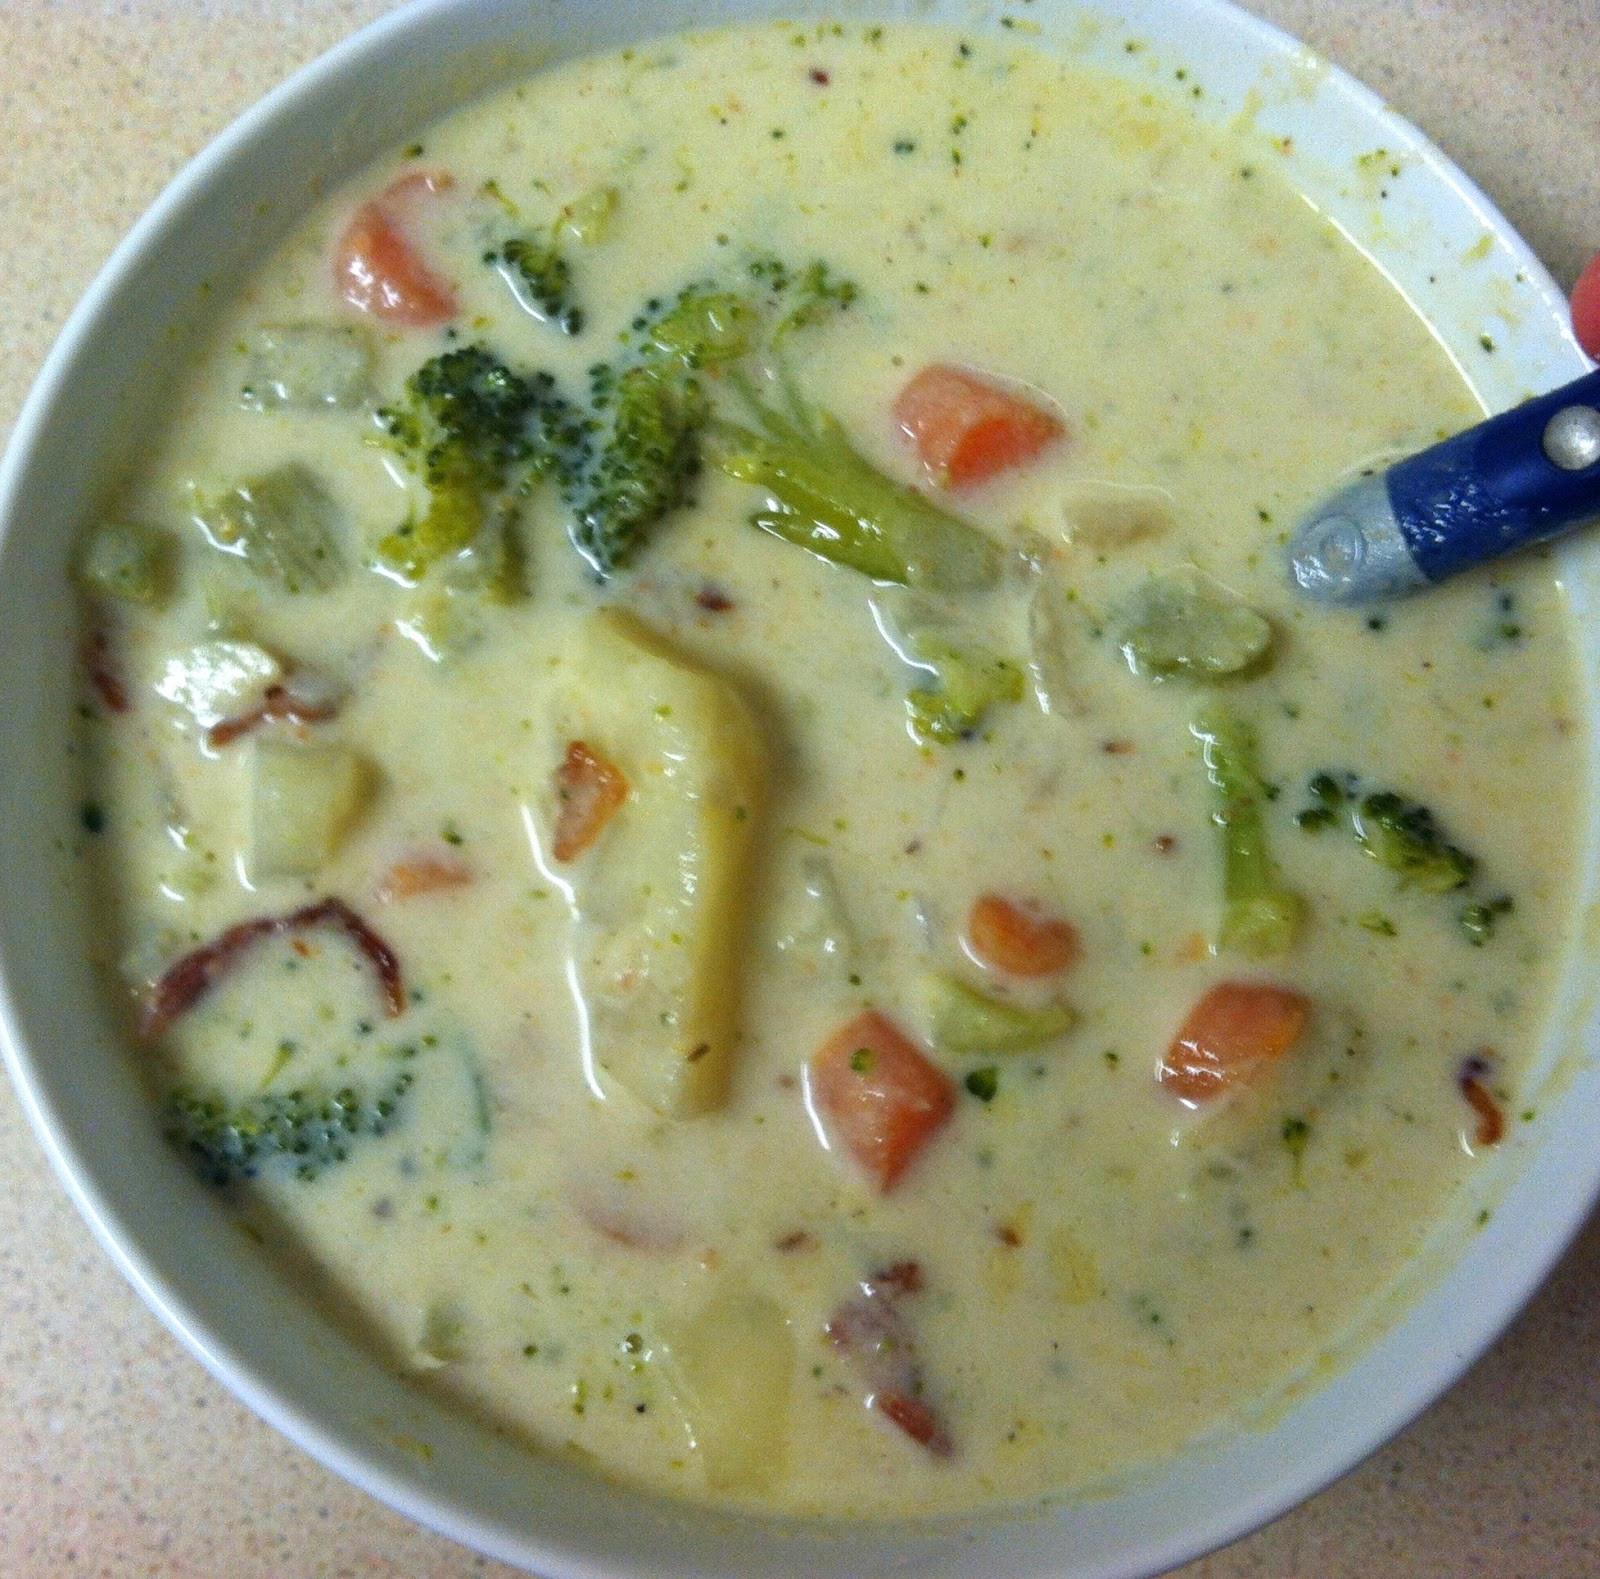 Potato Broccoli Soup  Taste and See Potato Broccoli Soup with Bacon and Parmesan